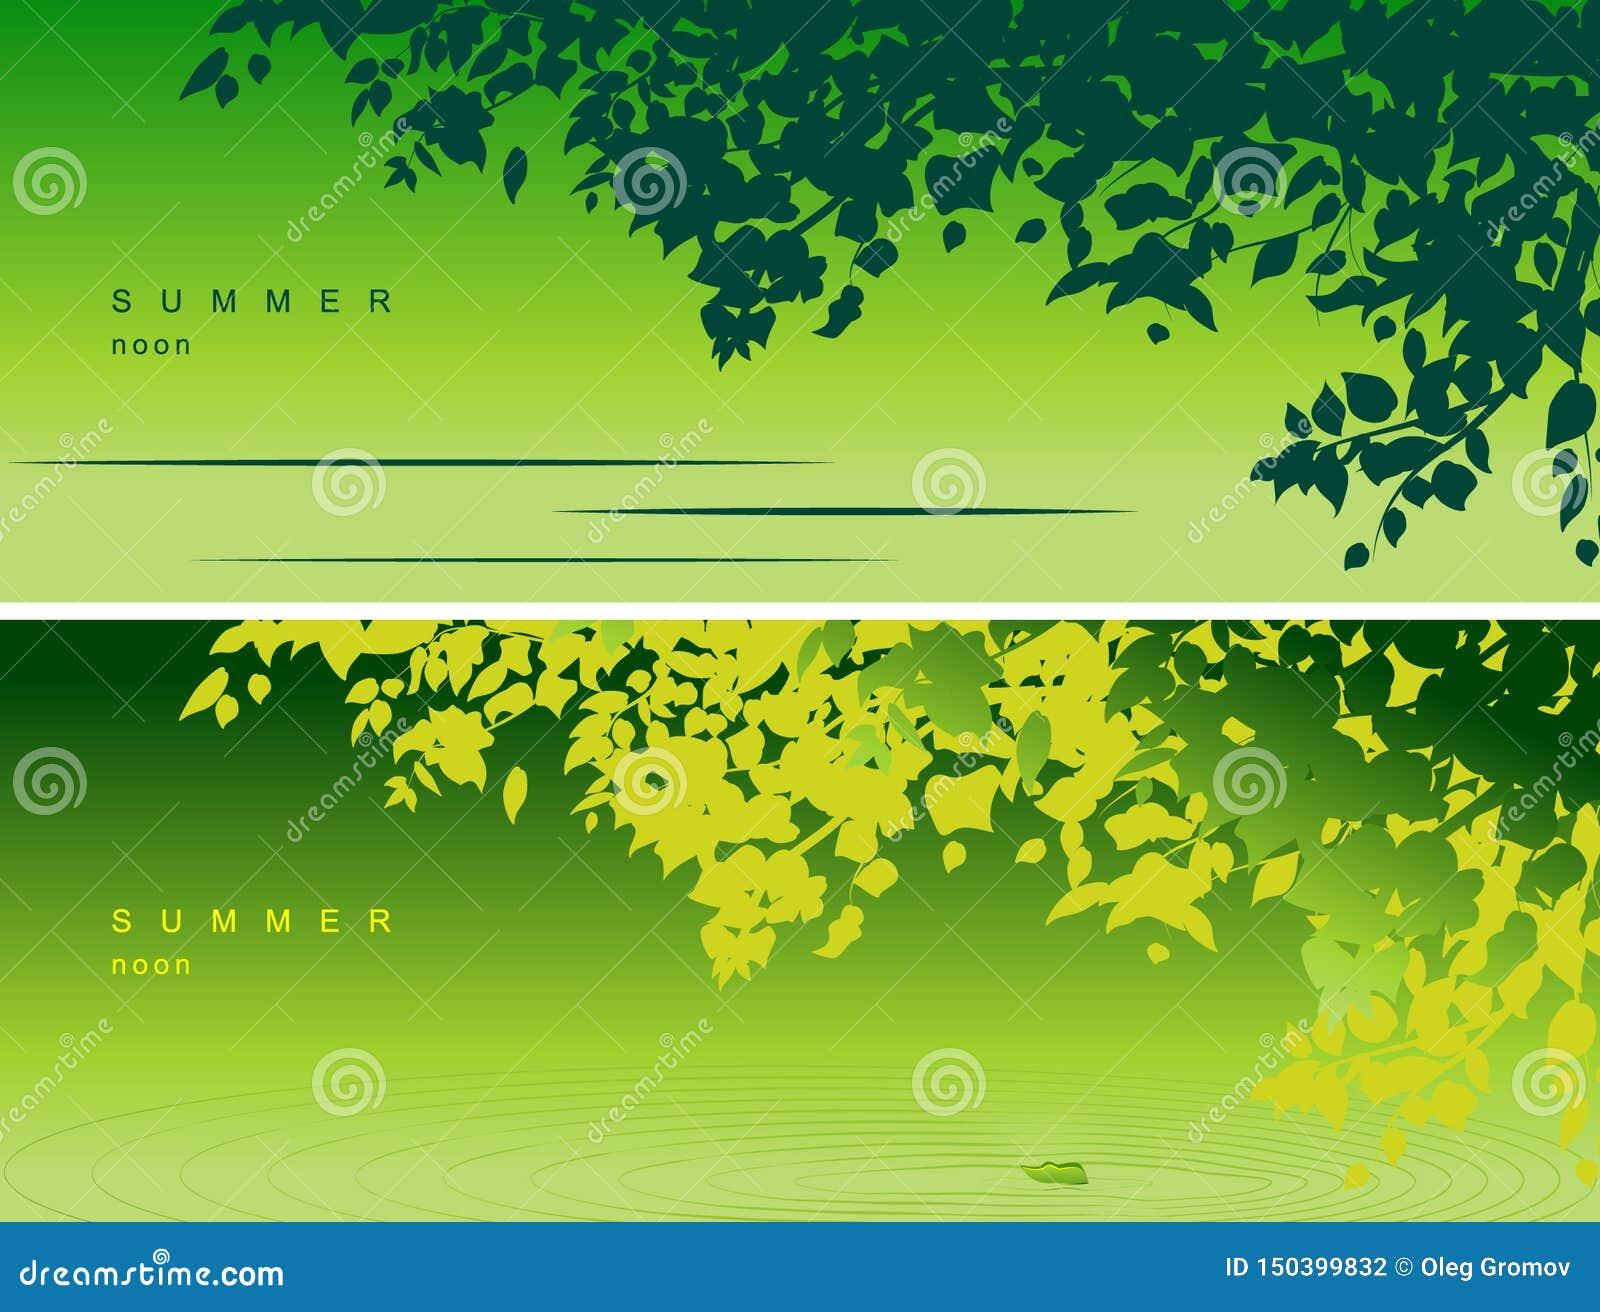 Cubierta para las redes sociales, jefe del vector con un humor del verano, con la imagen de la naturaleza